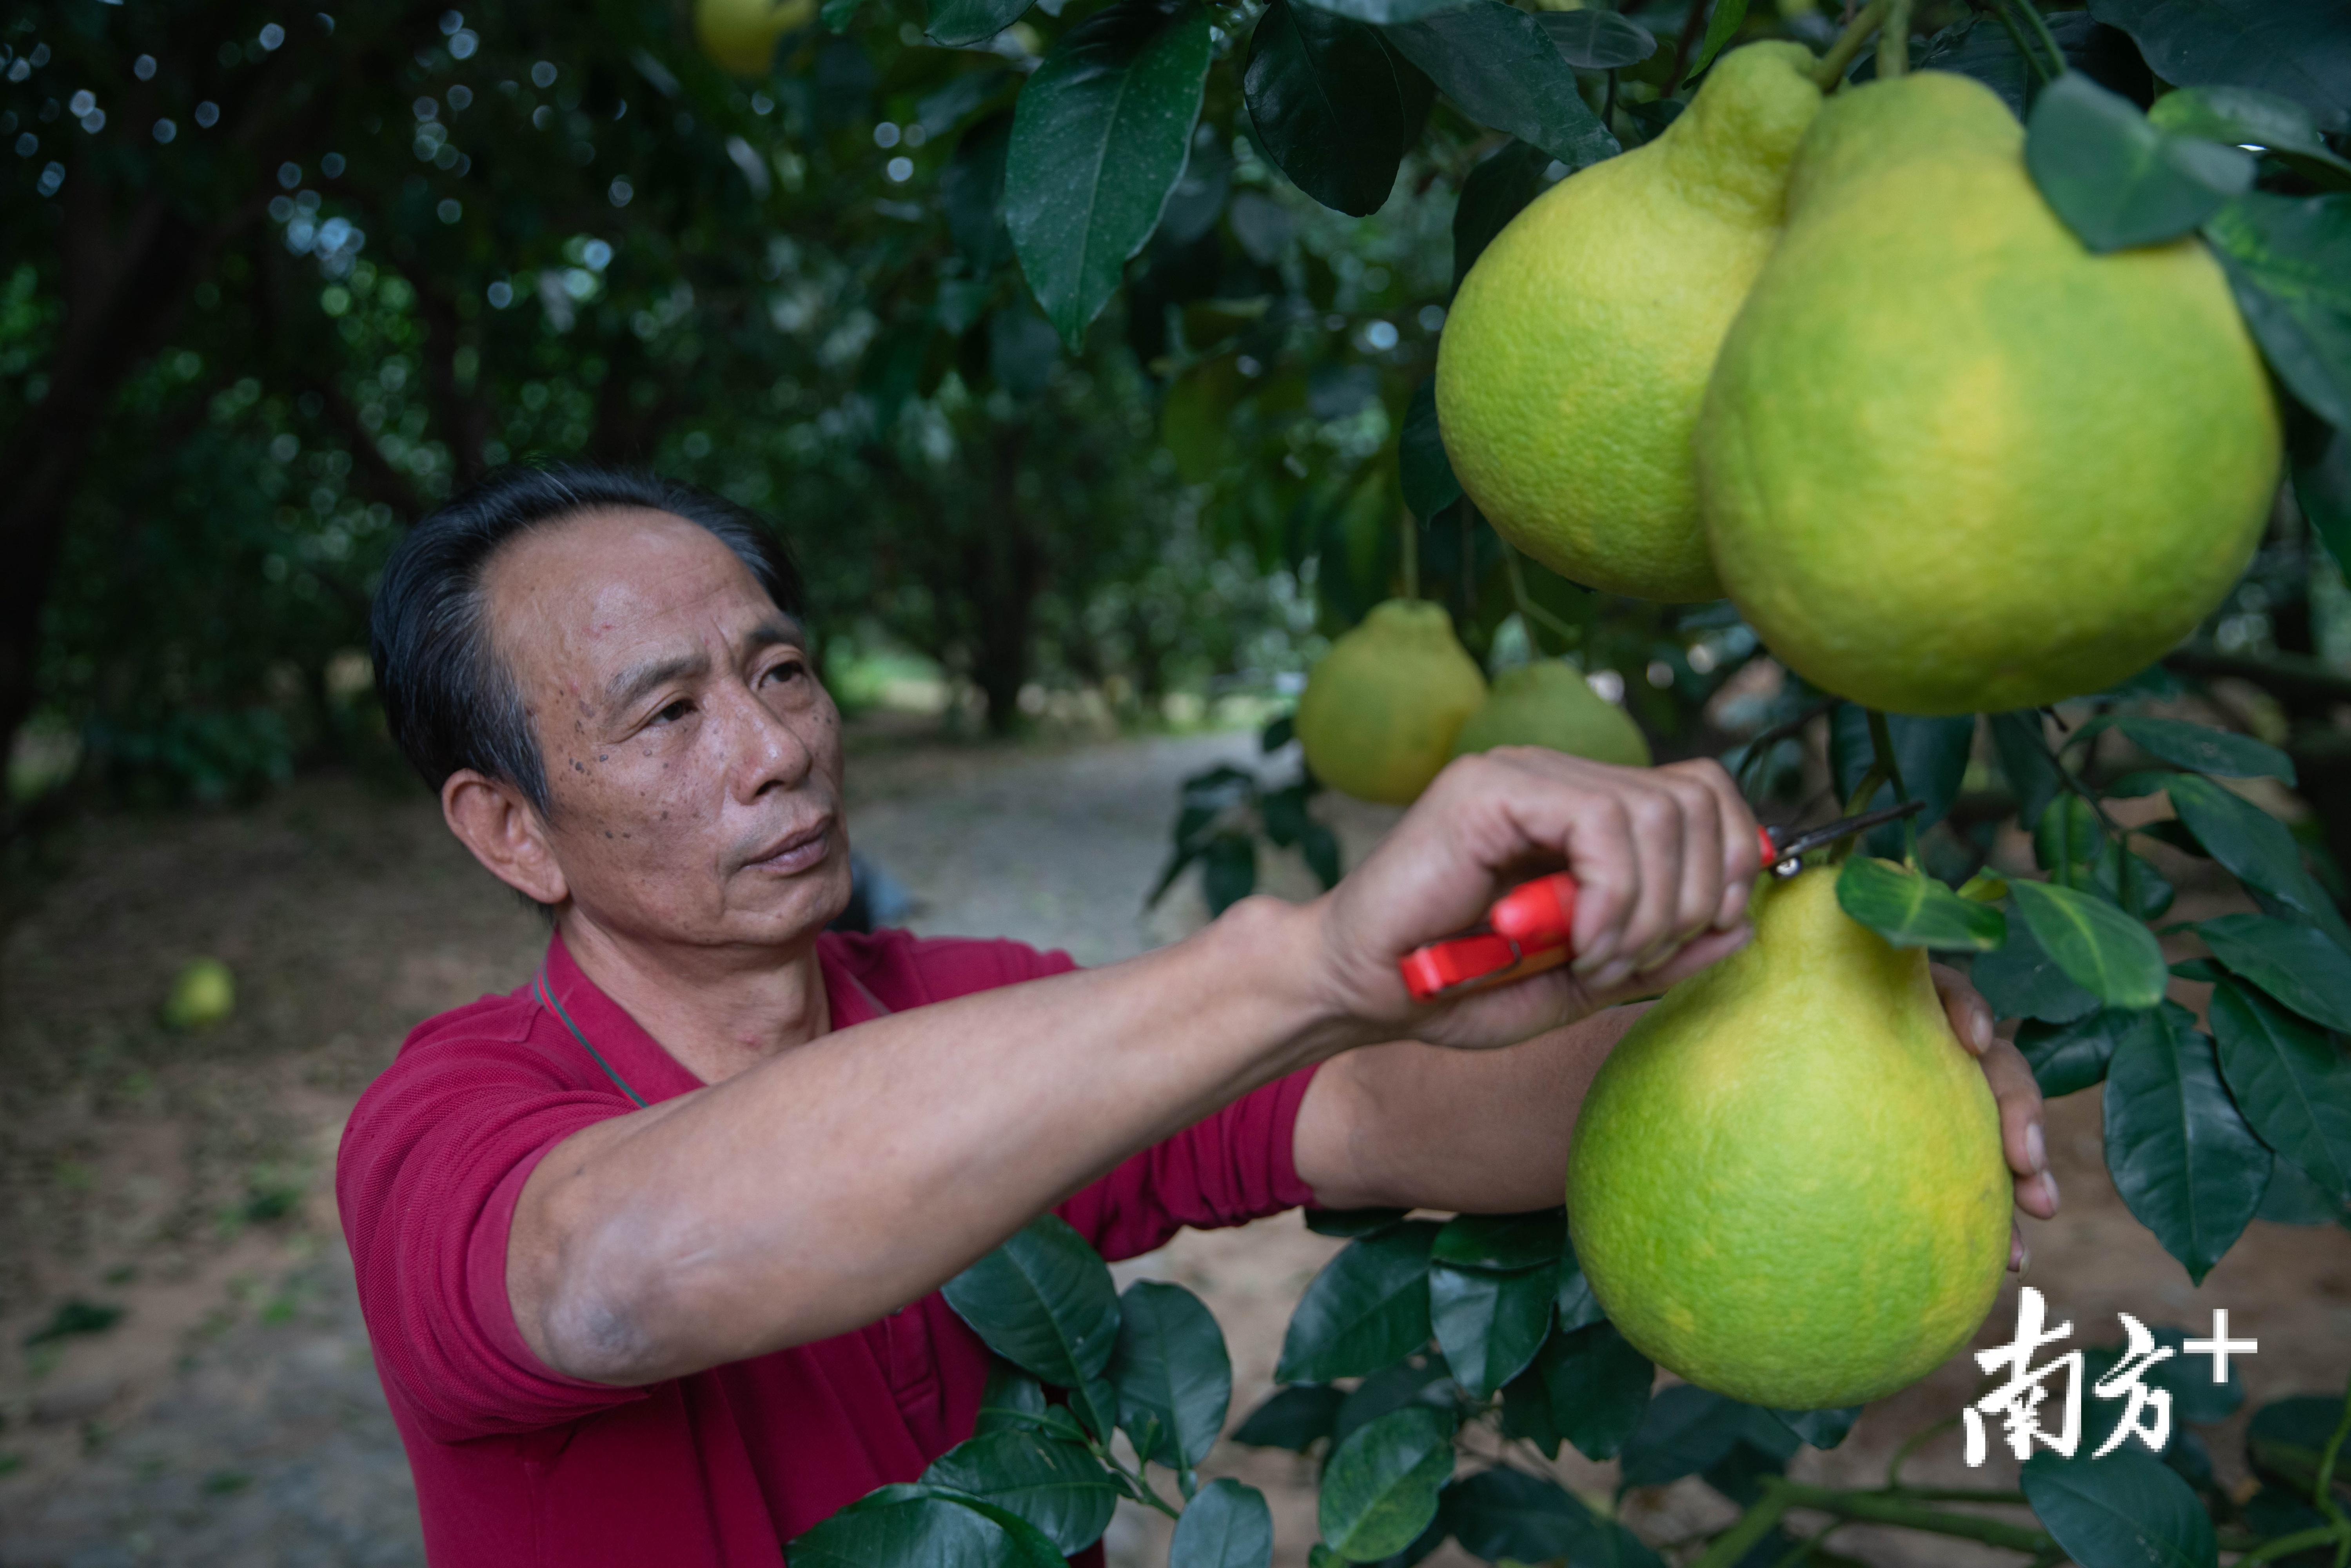 大黄村村民廖江洪在采摘金柚